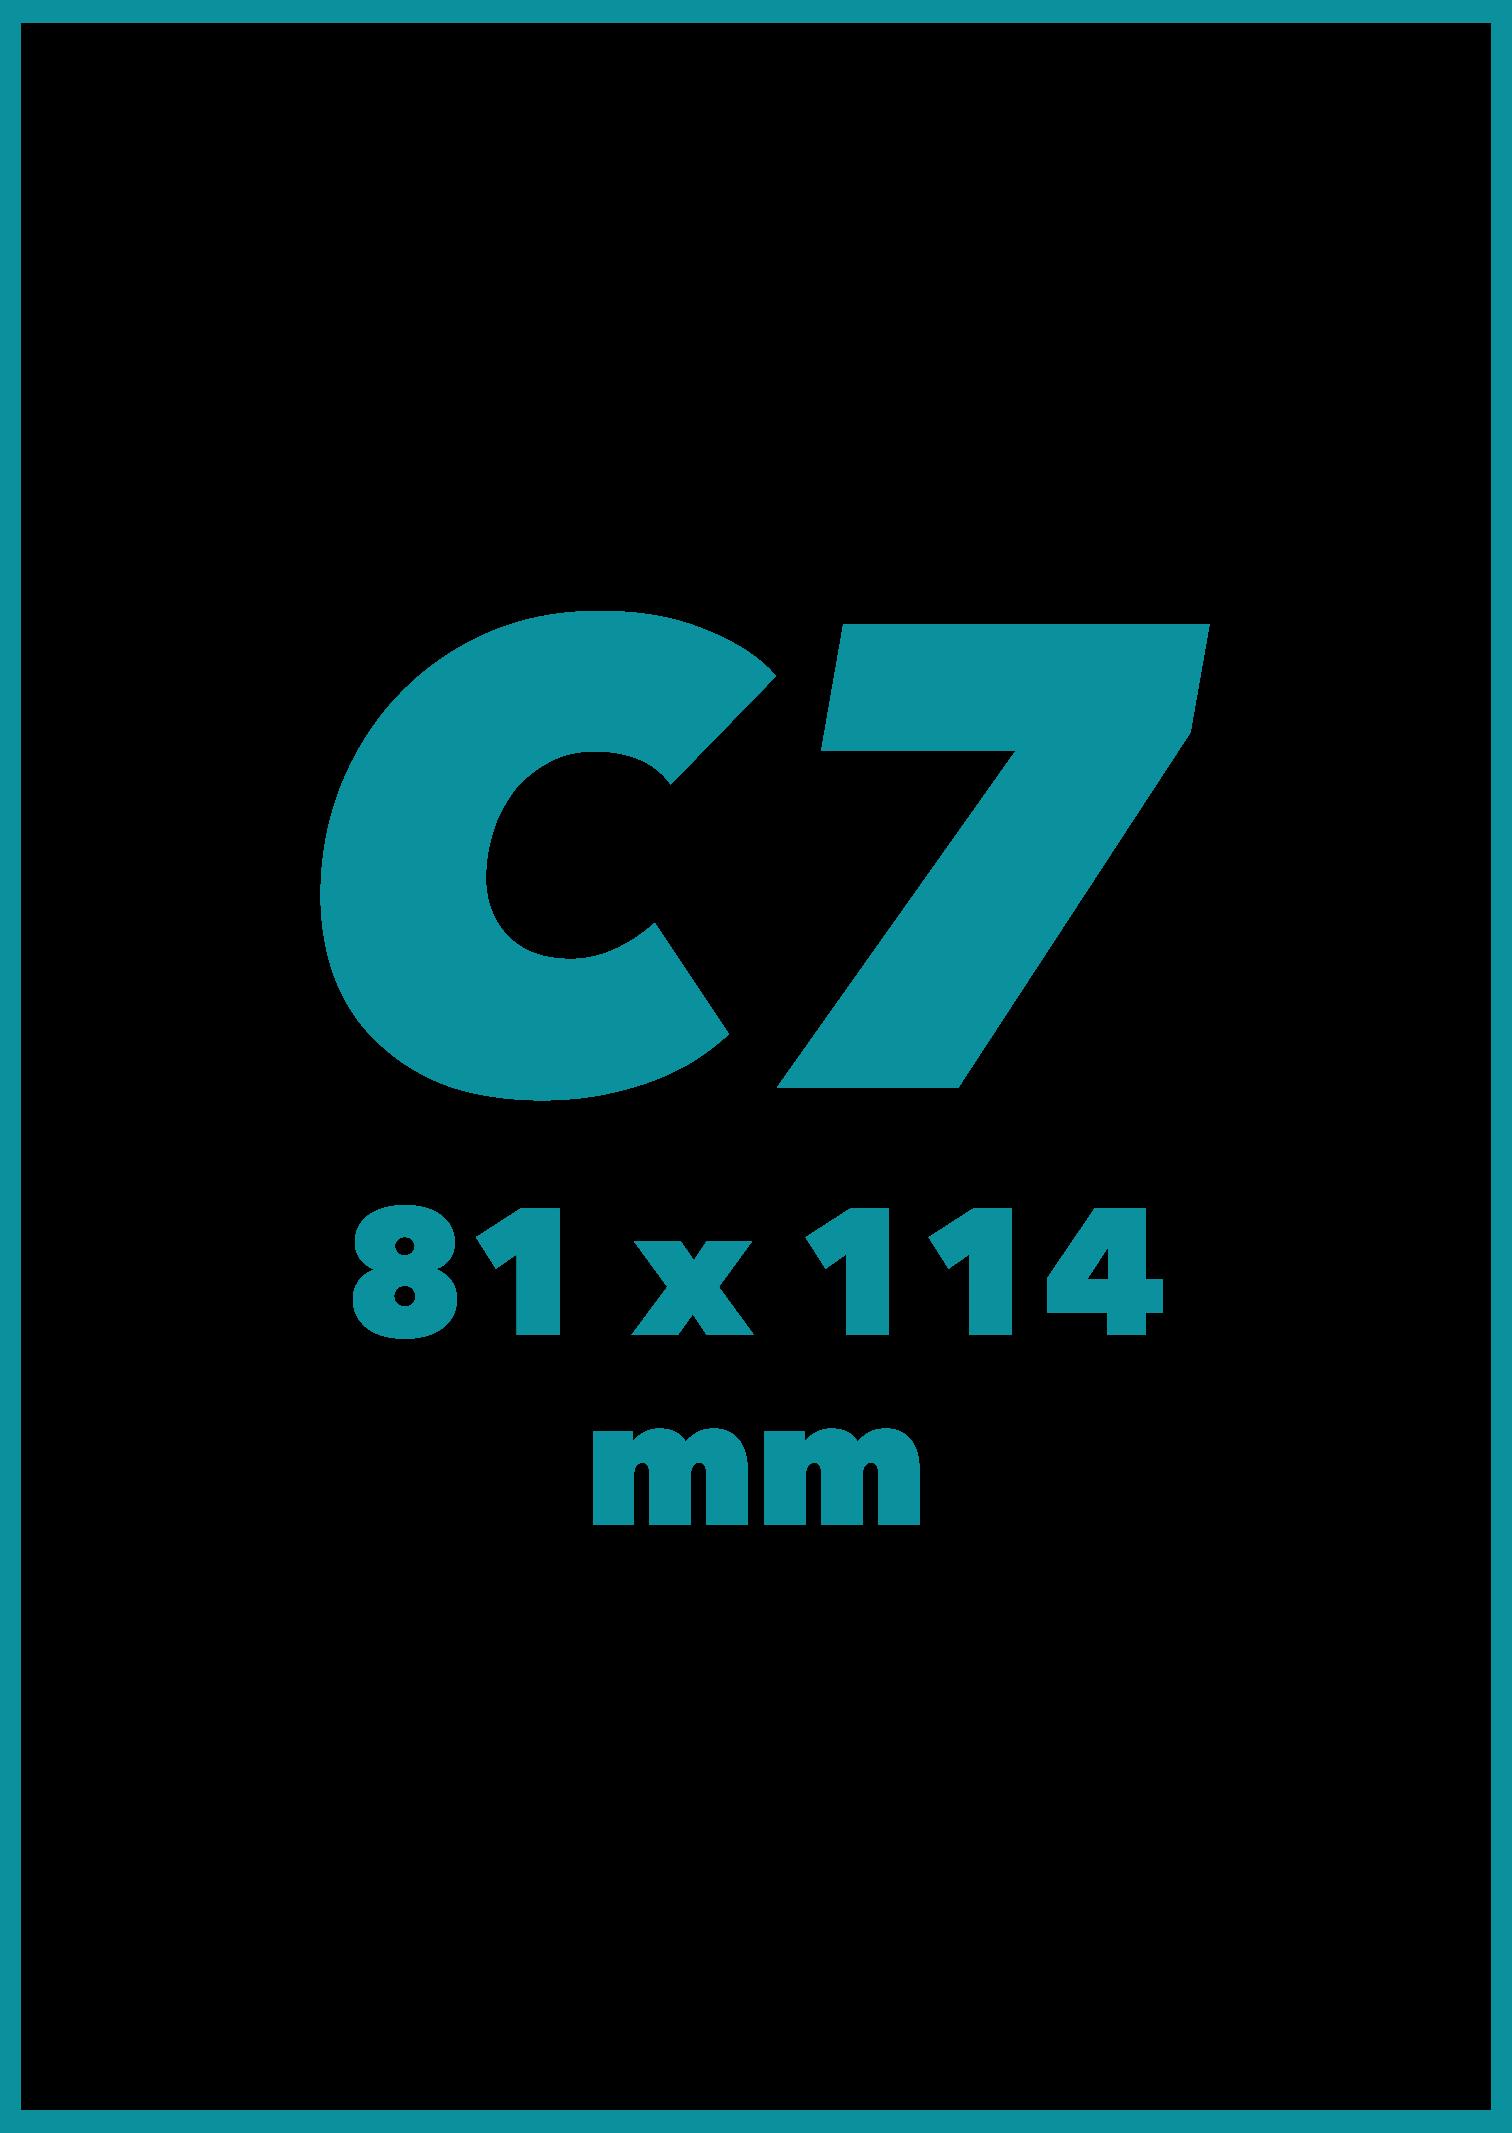 C7 Formatas